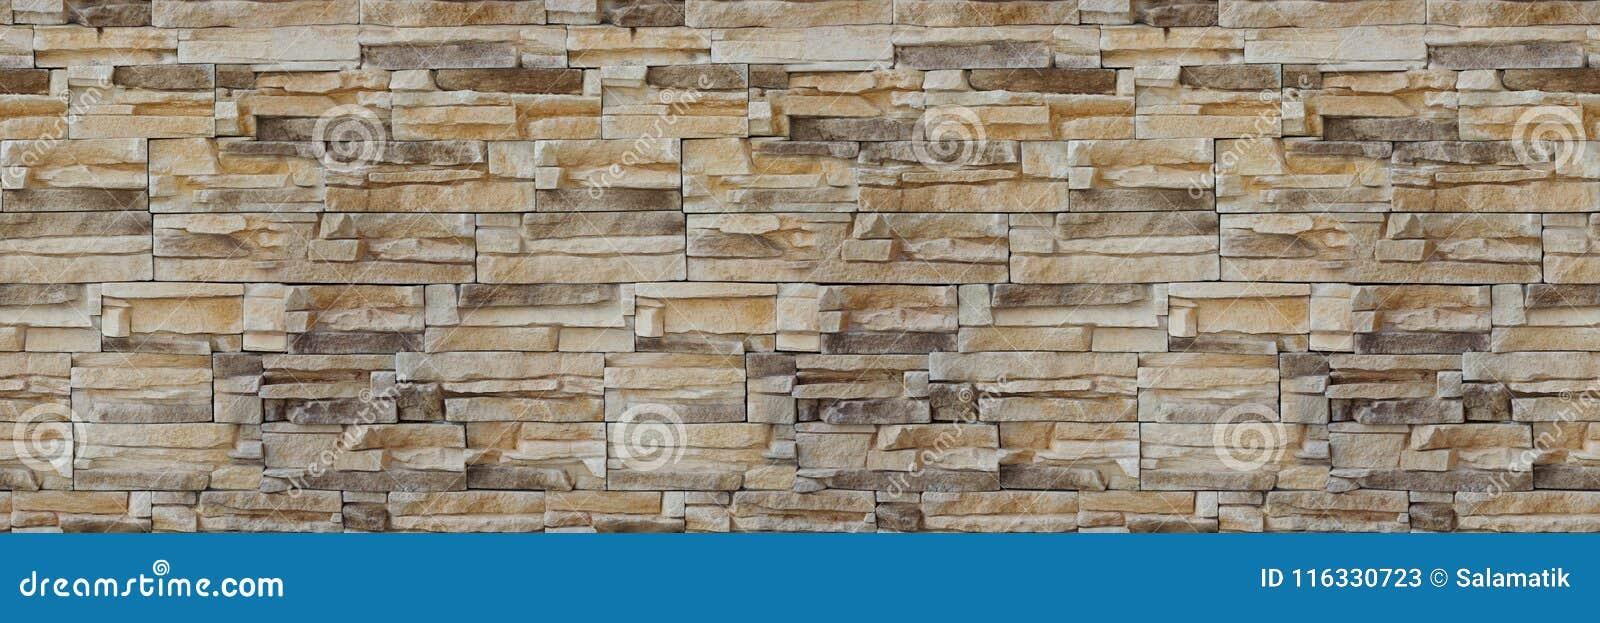 Textura del ladrillo de la pared de piedra Modelo inconsútil Fondo de la fachada de la piedra arenisca